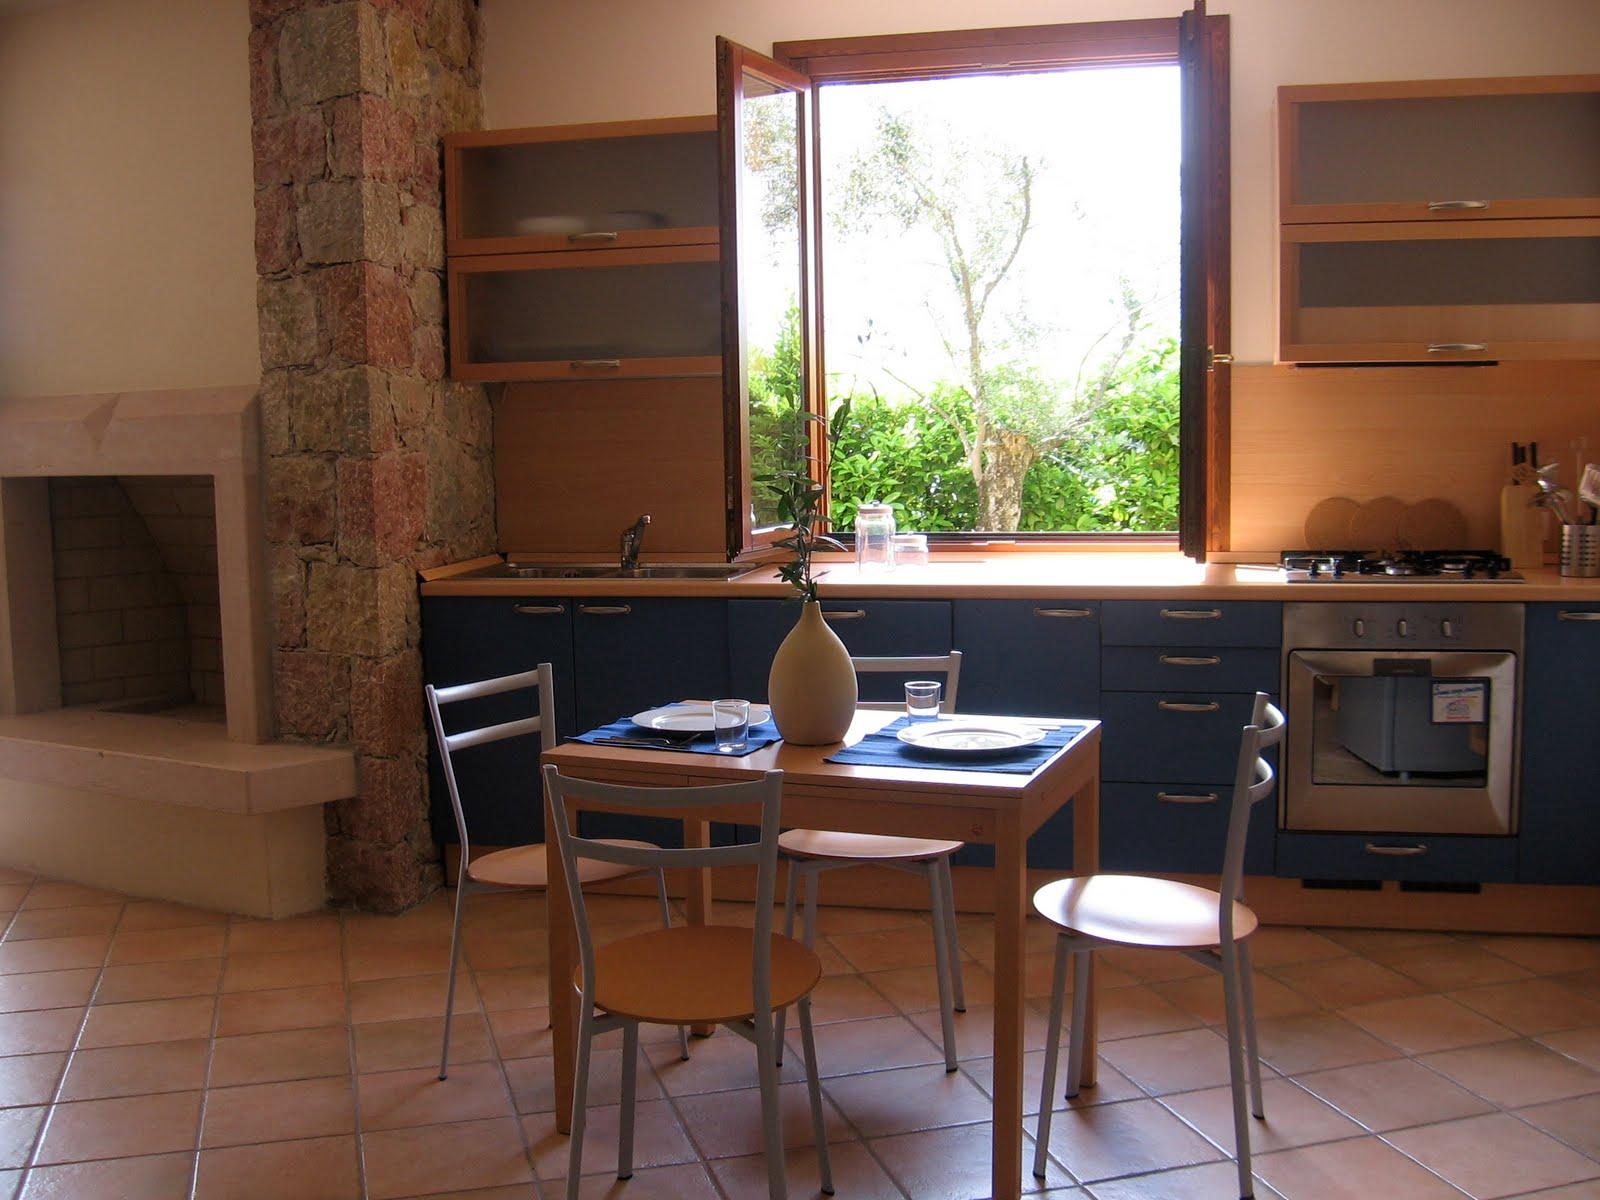 Cucina Con Finestra   Gallery Of Finestra Ed Armadietti Moderni ...